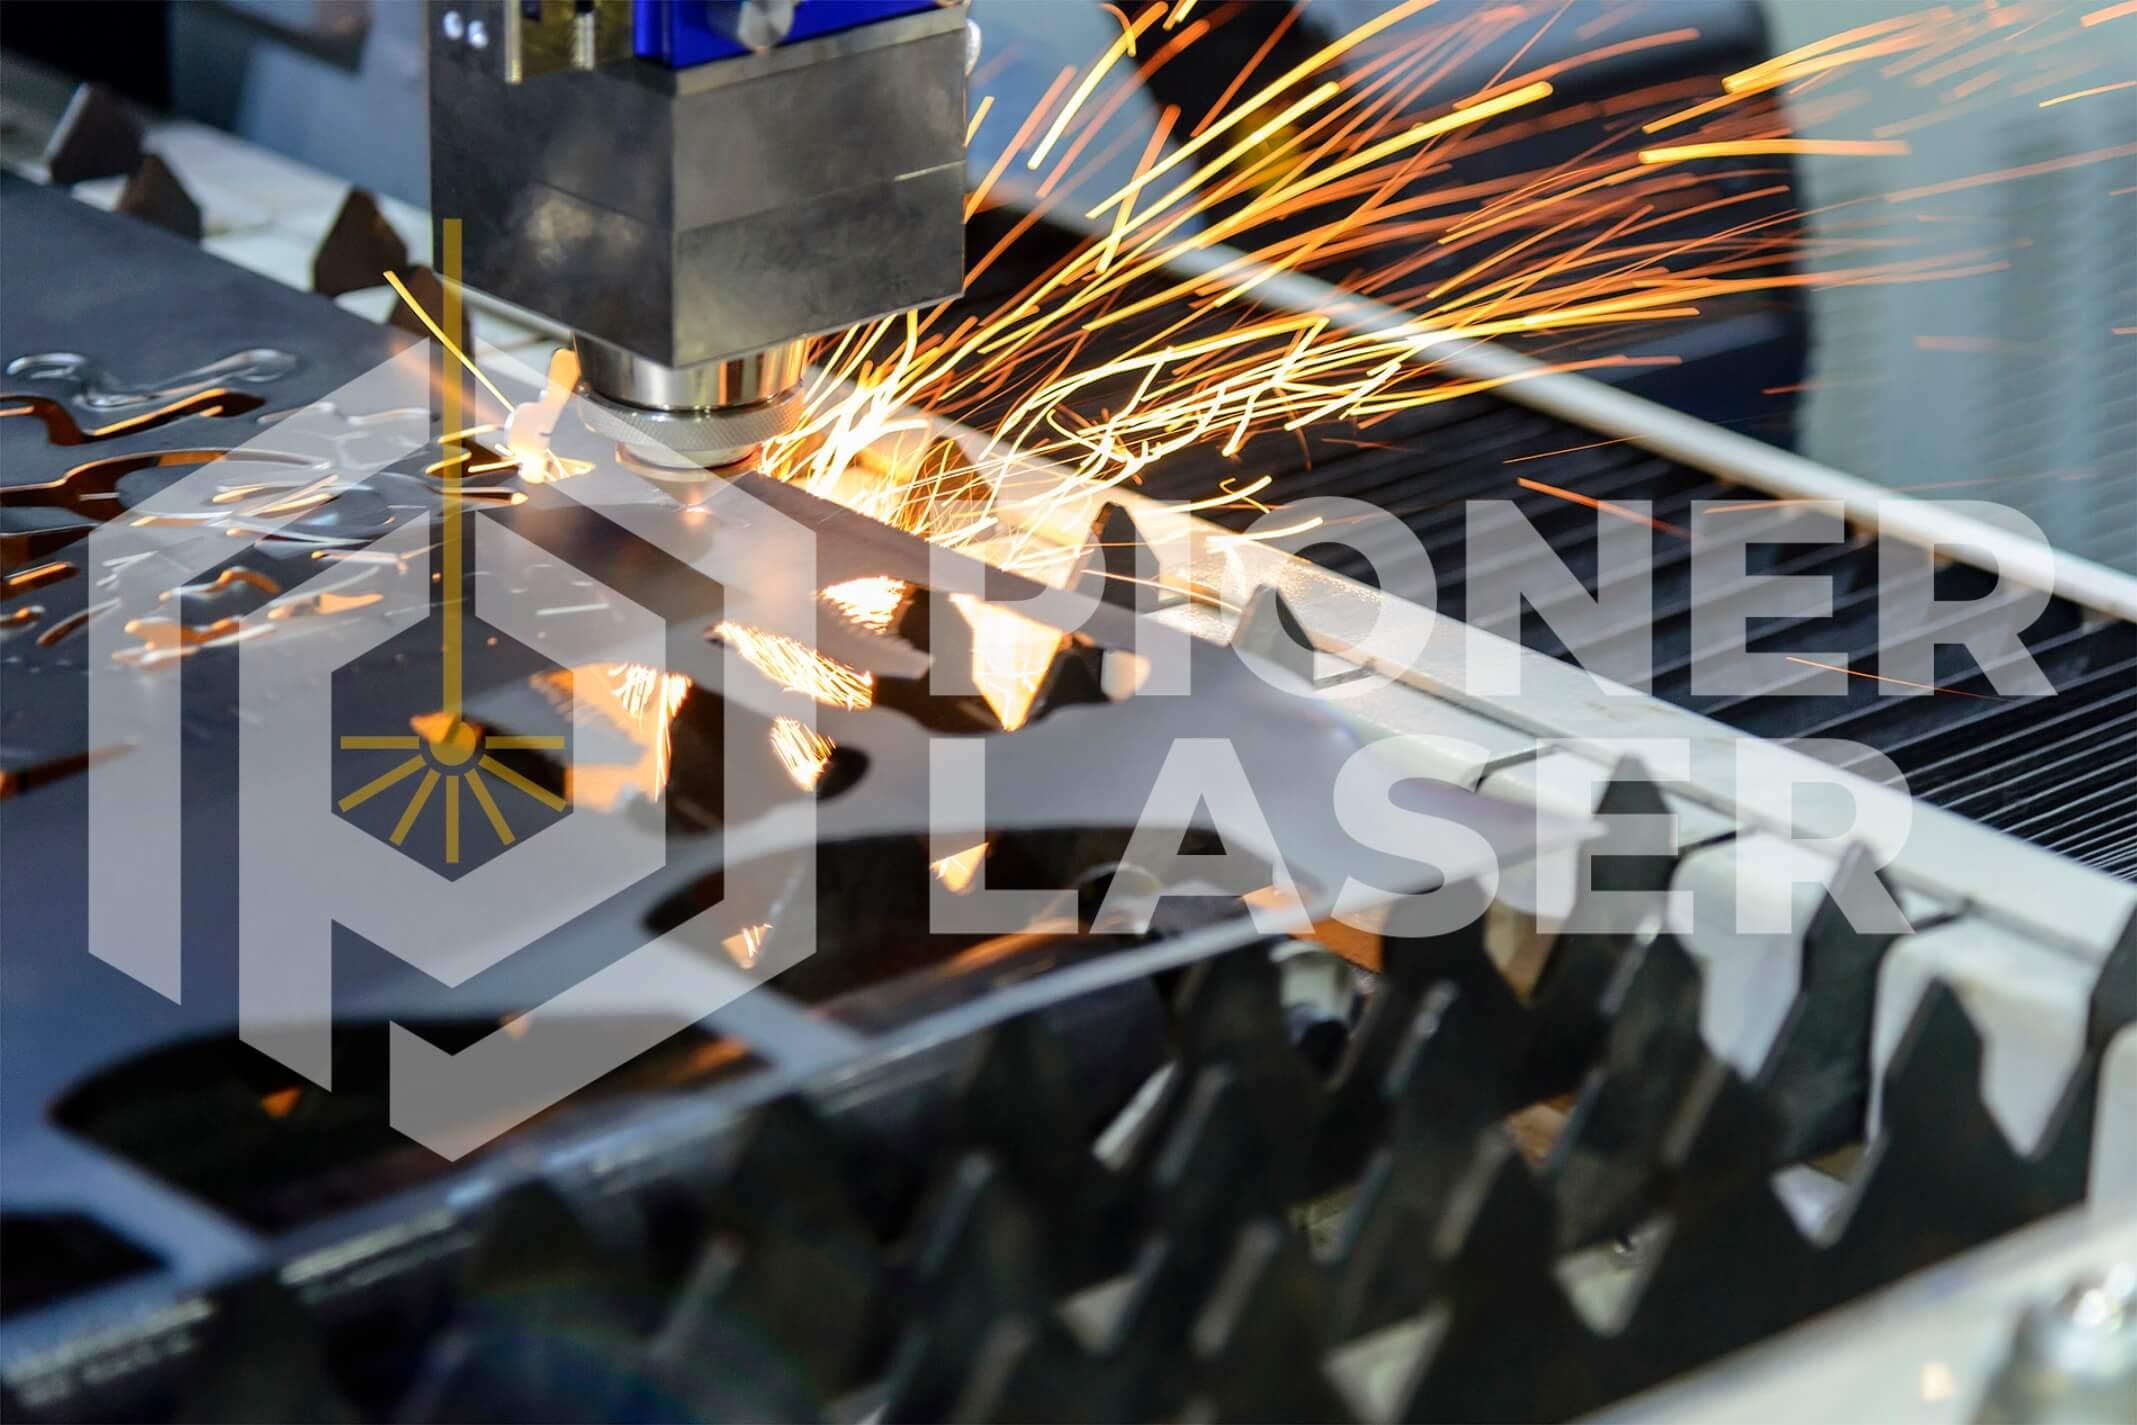 Jasa Laser Cutting Metal Cikarang